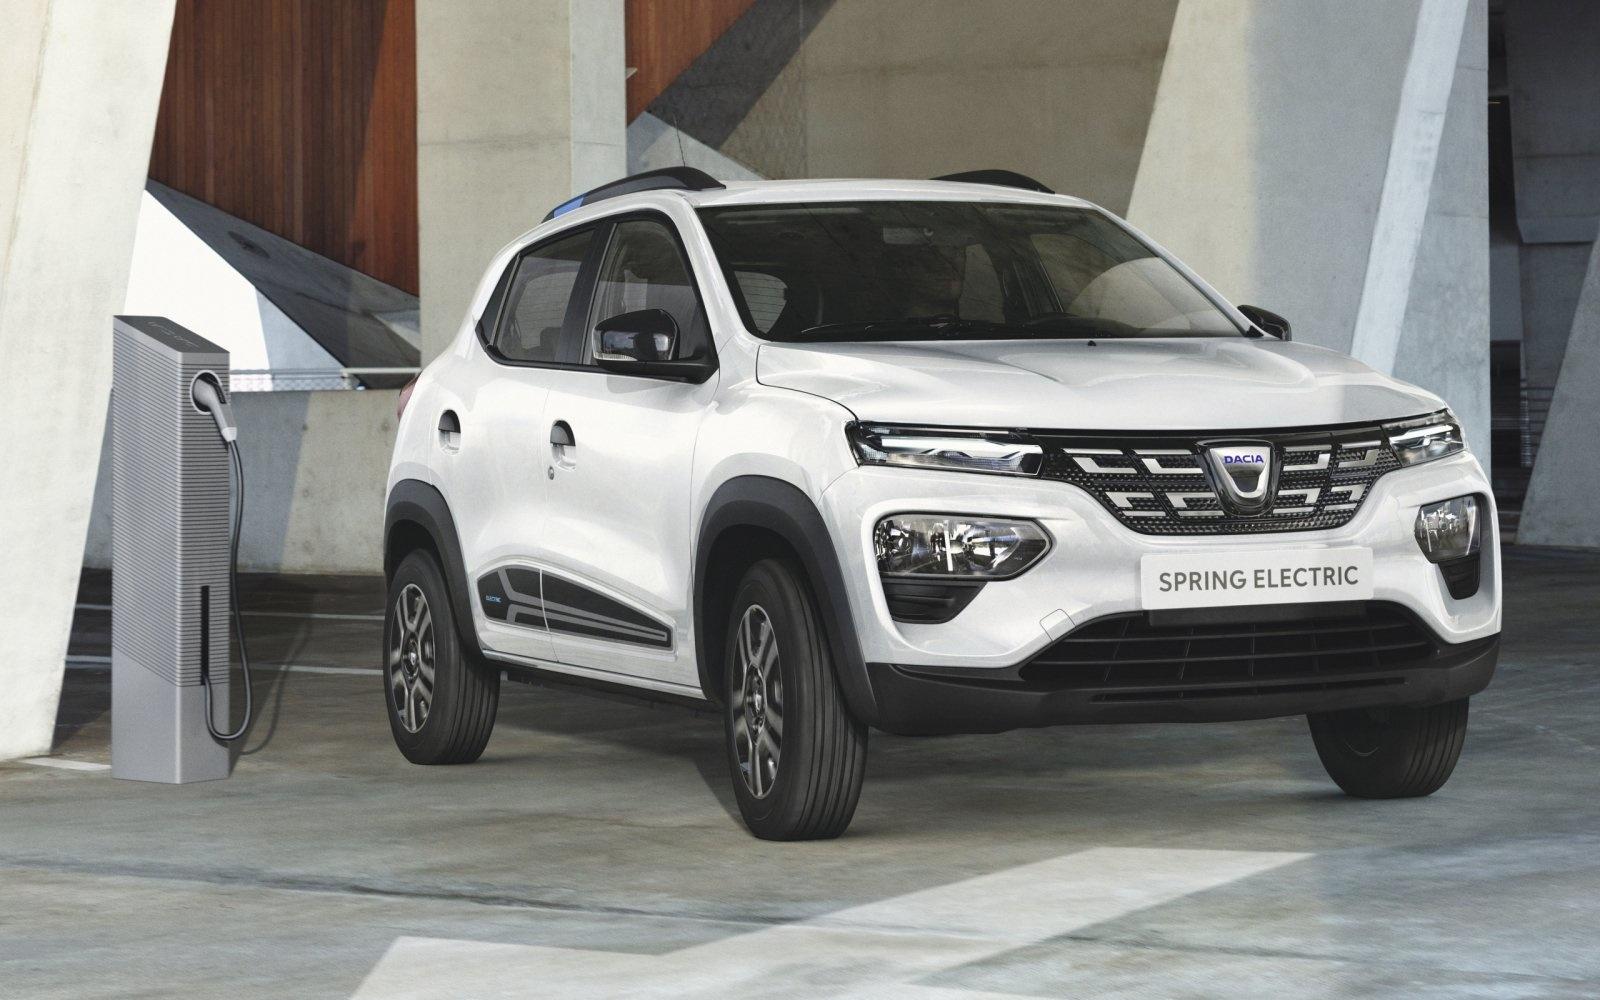 De goedkope elektrische auto van Dacia